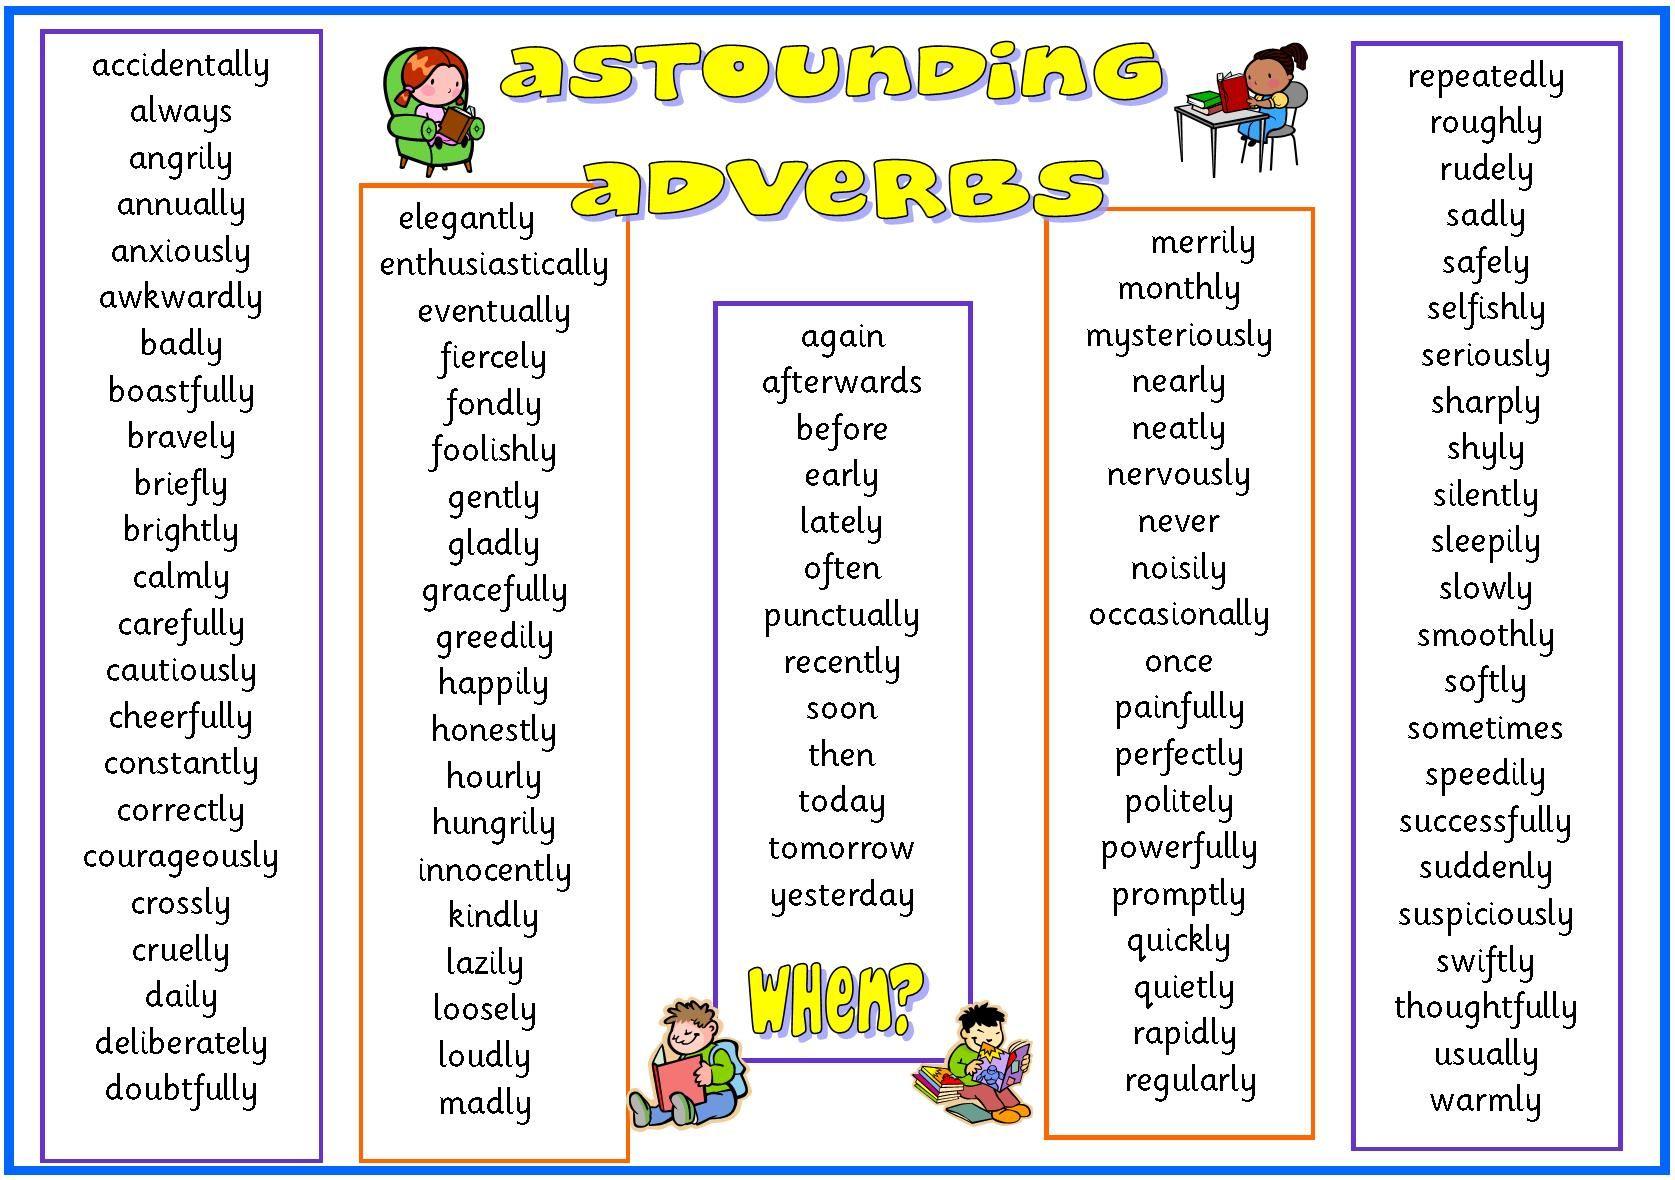 Adverbs Astounding Adverbs Help Mat